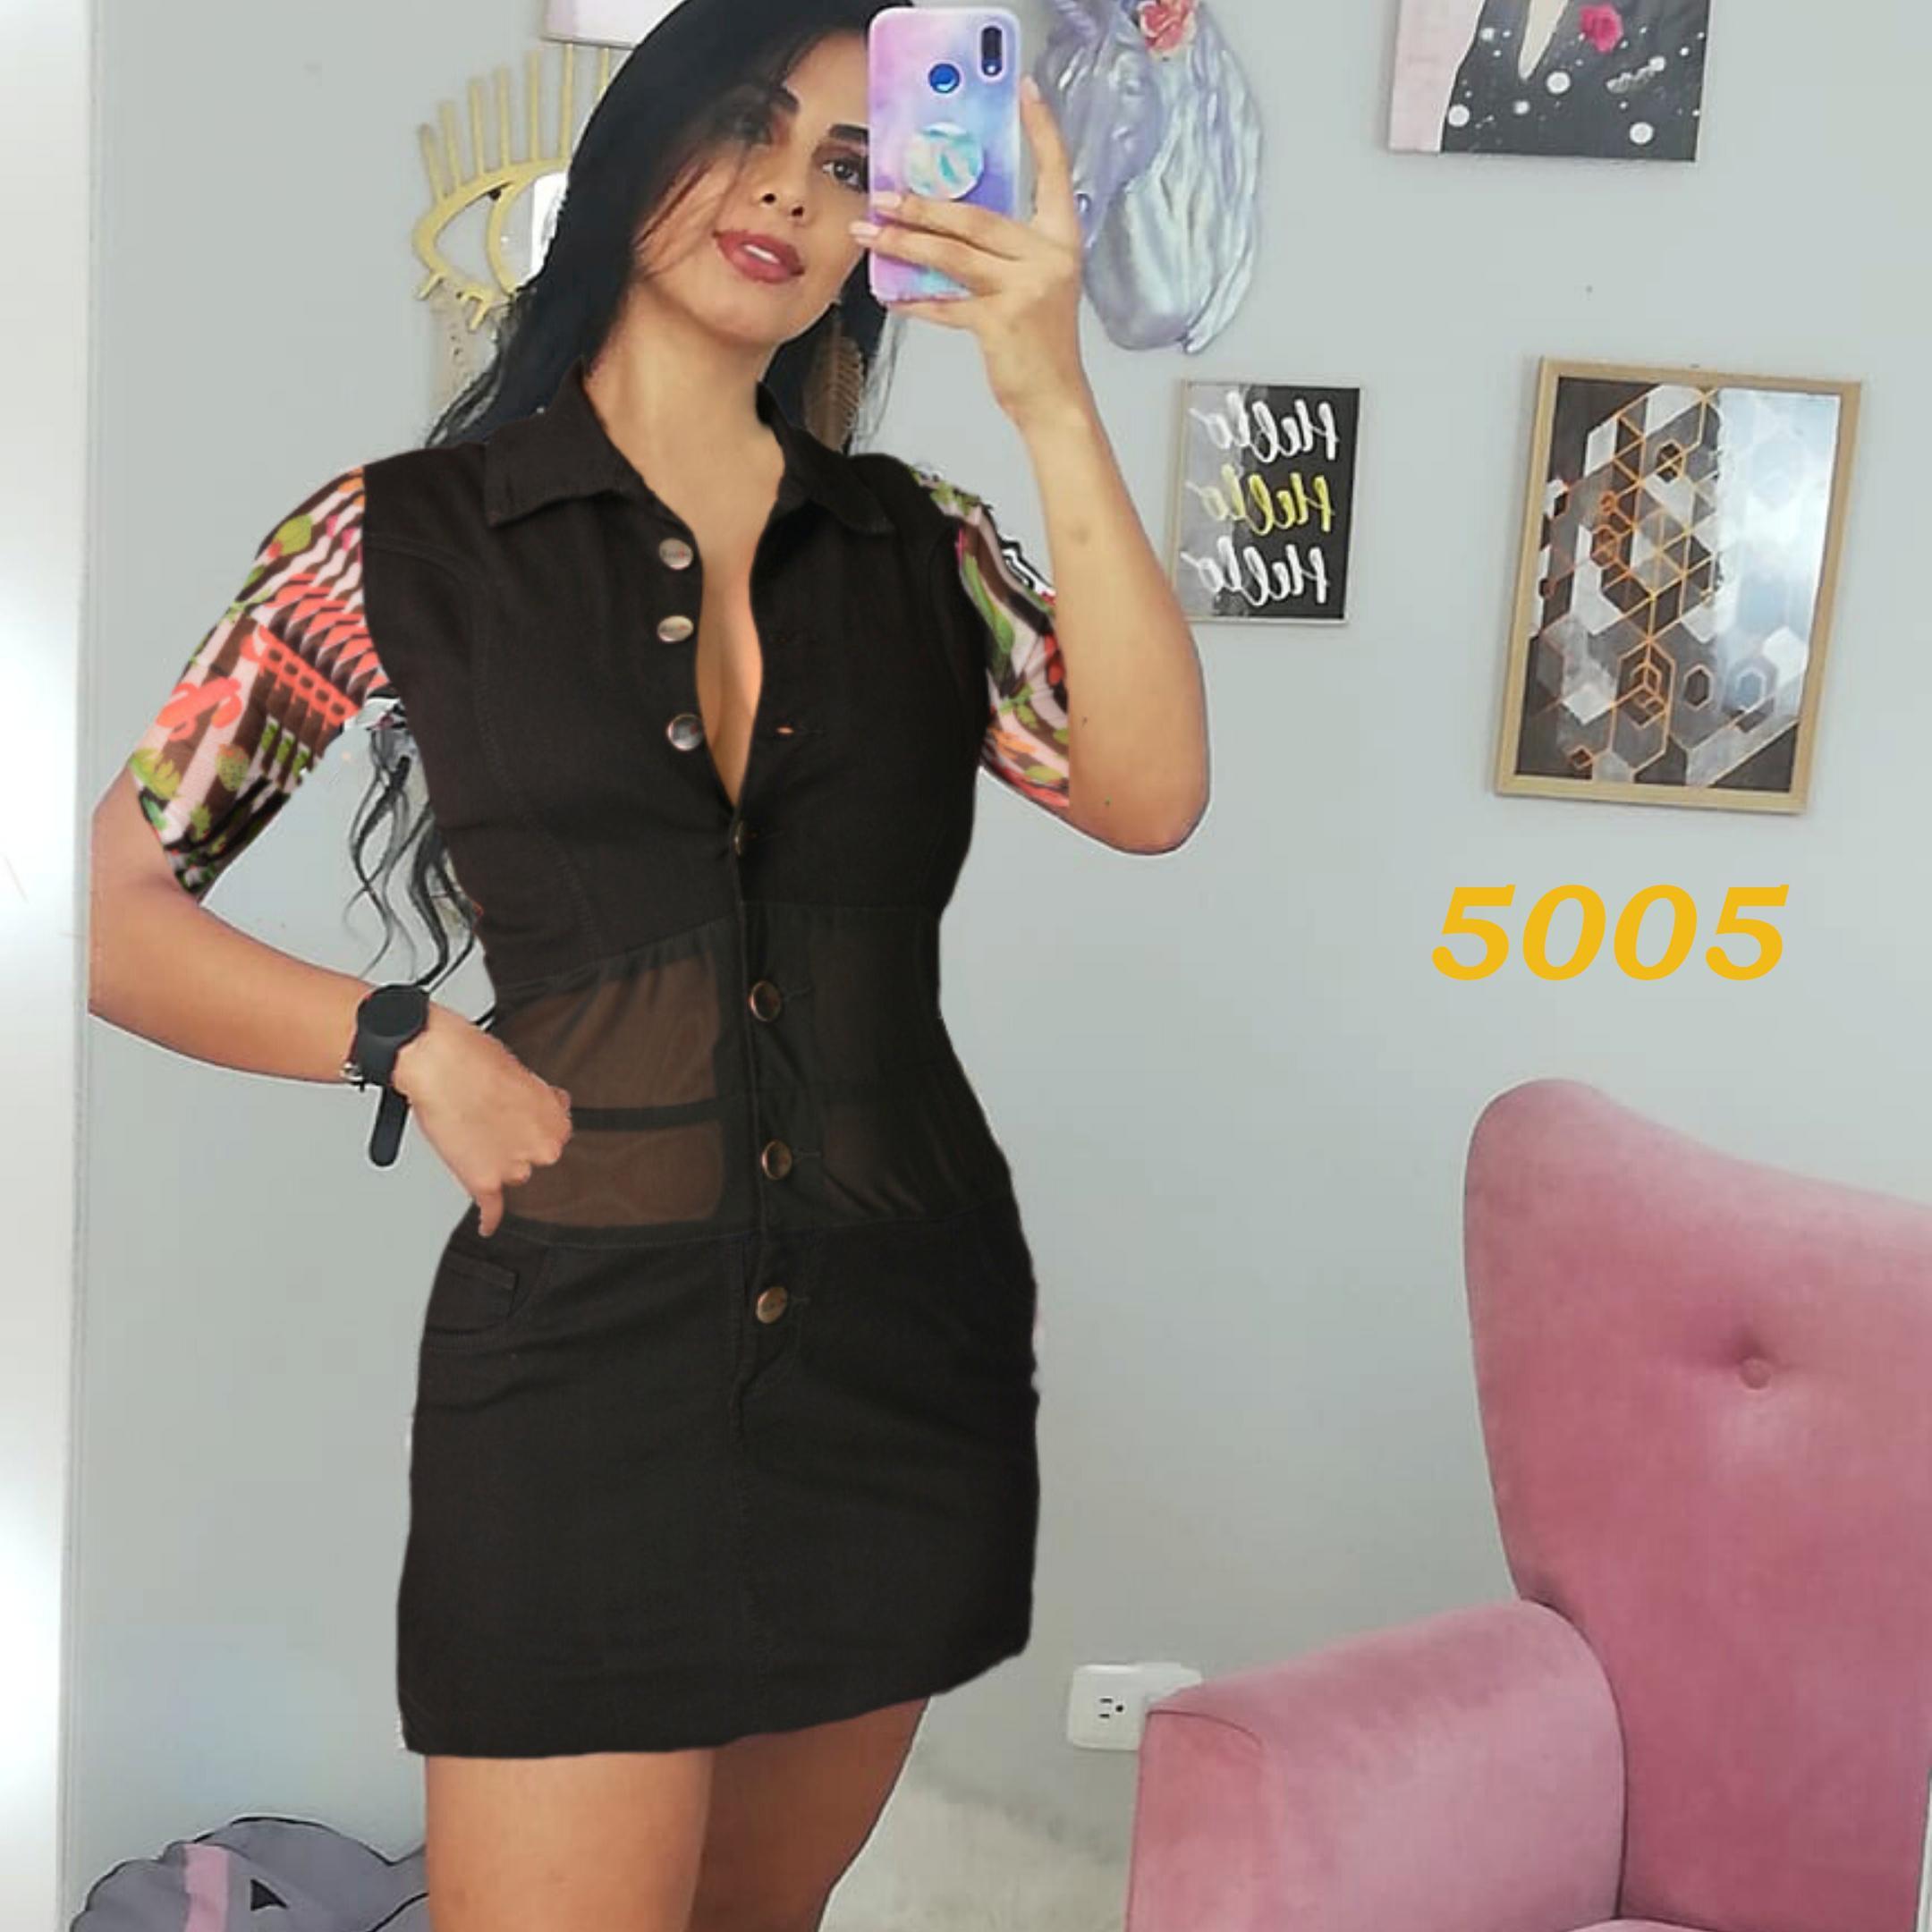 Fantástico Vestido en Tela Vaquera en Color Negro con Botones delanteros, cuello y Mangas de estilo floral.